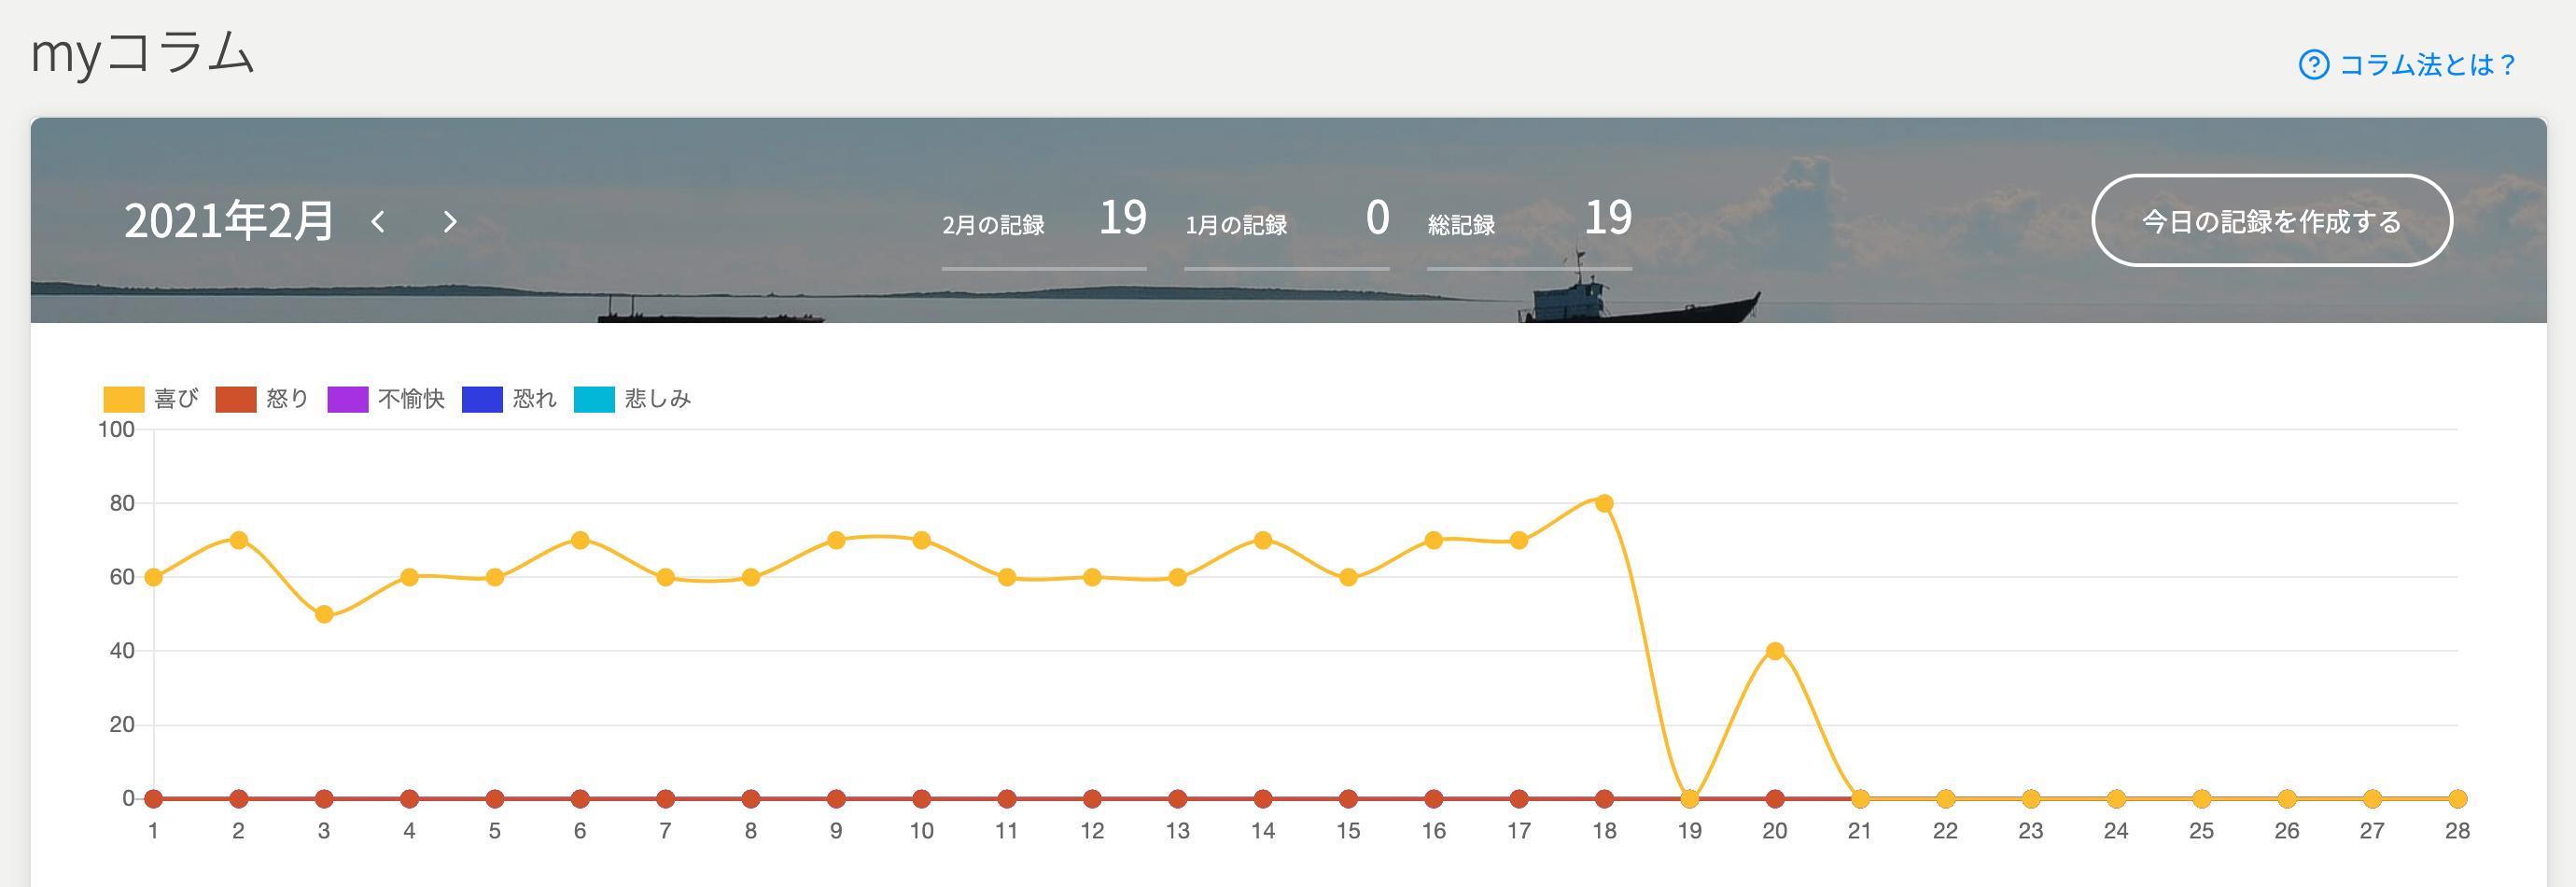 myコラムの月間グラフ